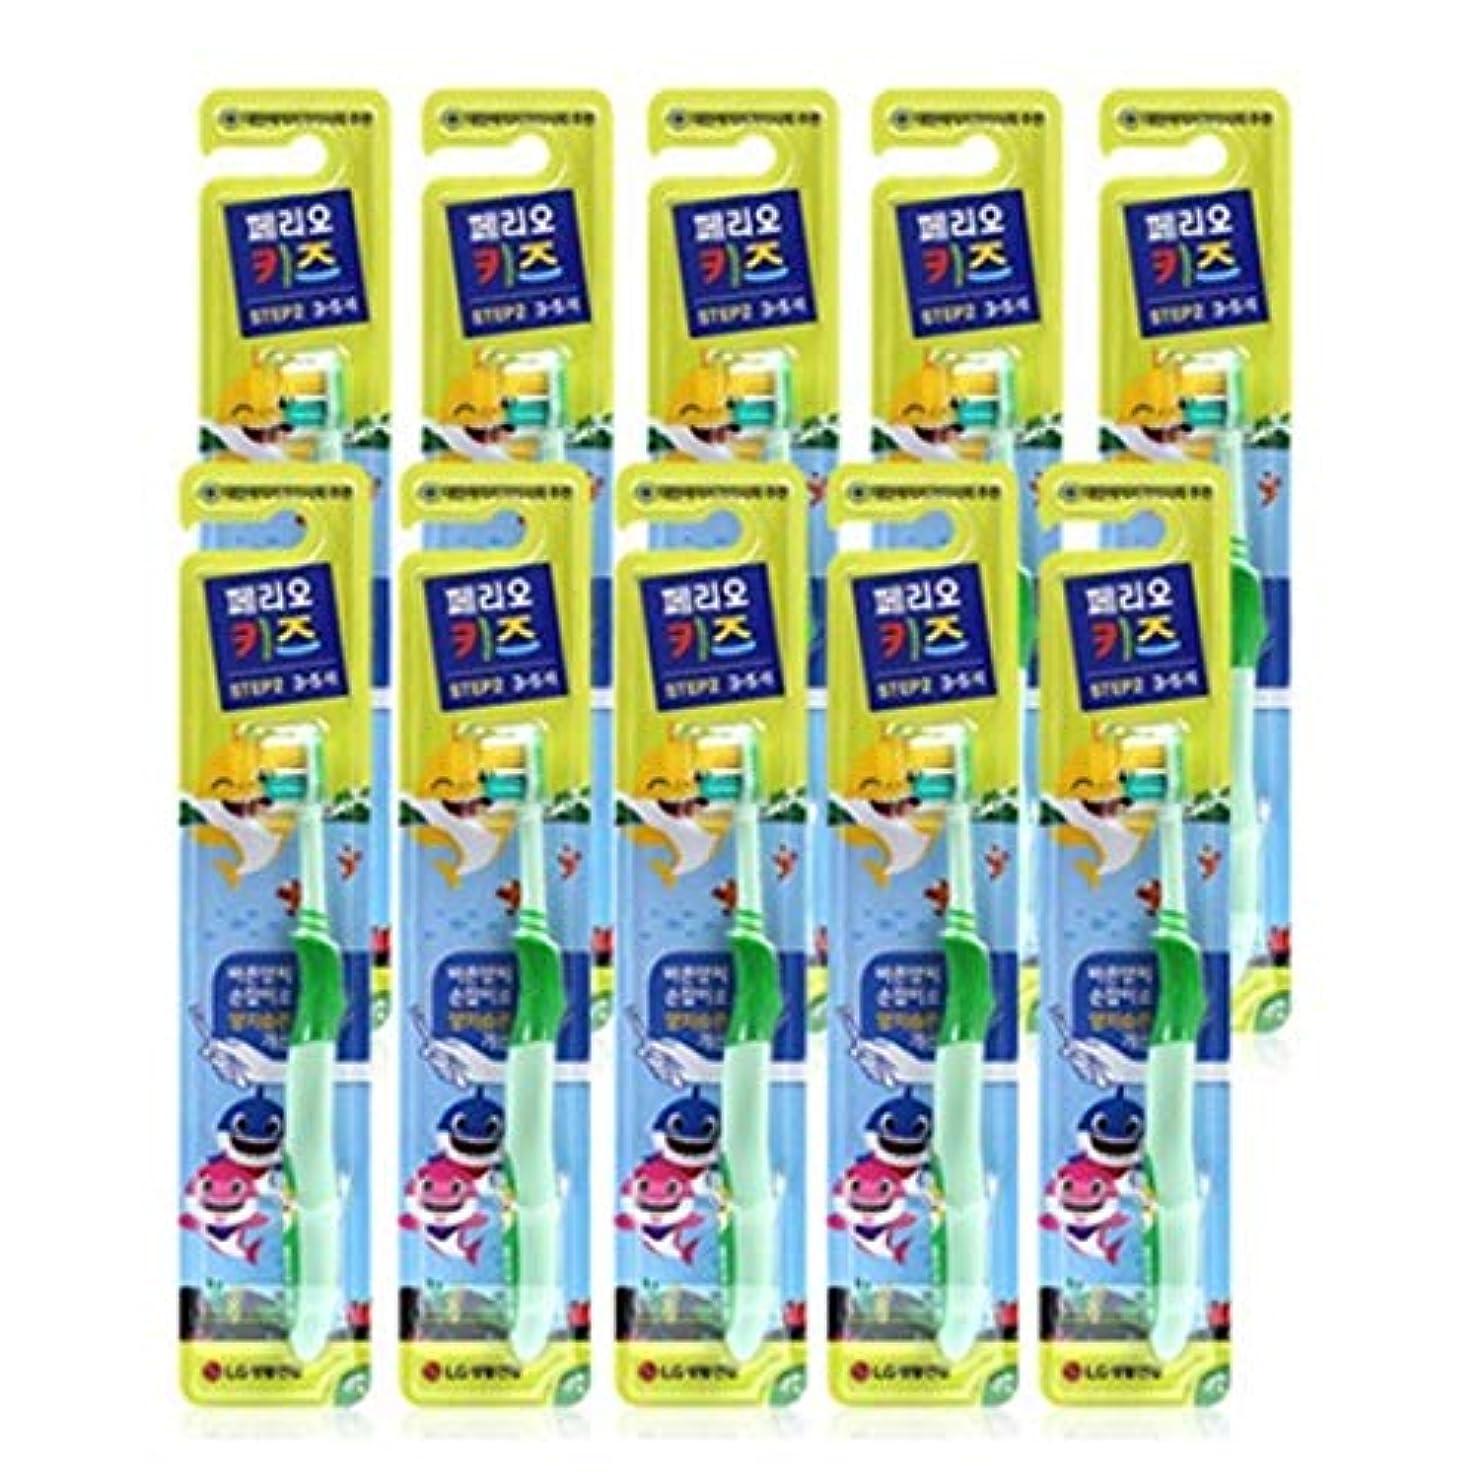 化合物の慈悲で豊富[LG HnB] Perio Kids Toothbrush Step 2 / ペリオ子供歯ブラシ2段階 1口x10個(海外直送品)